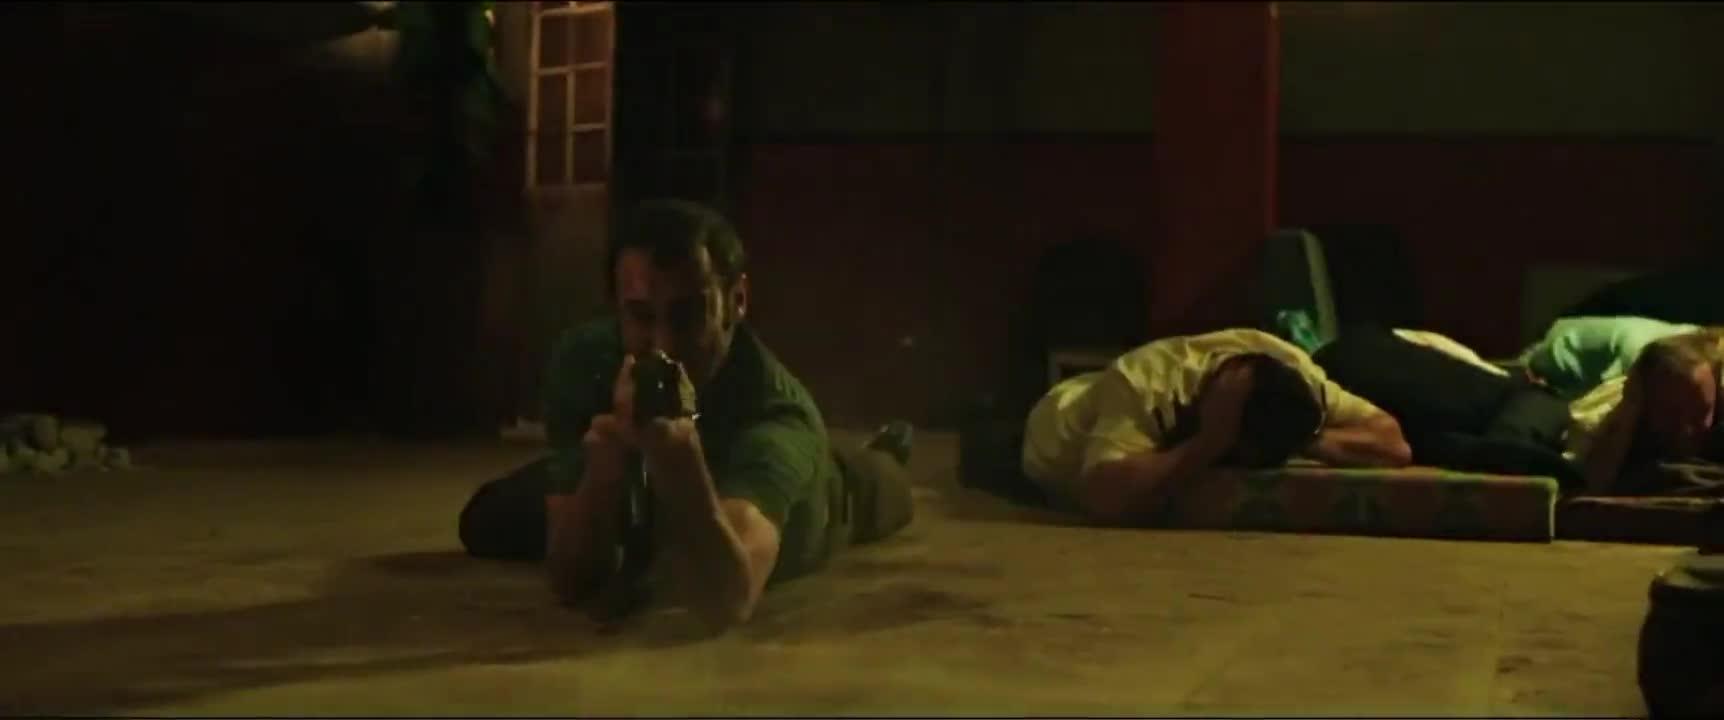 #经典看电影#人类反恐史的巅峰之作,以色列突击队营救人质行动